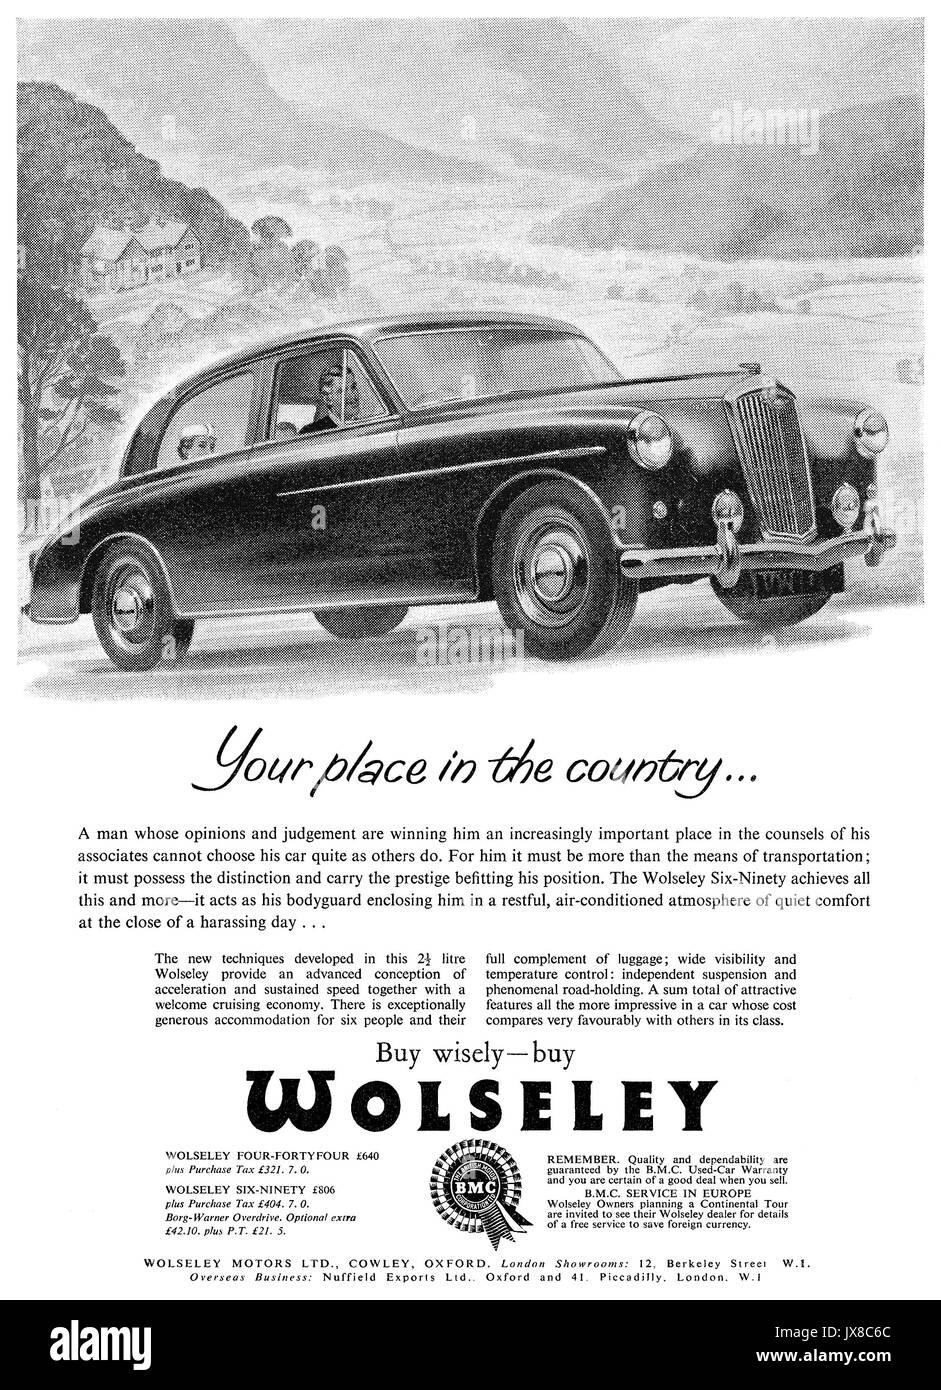 1950s British Car Design Stock Photos & 1950s British Car Design ...